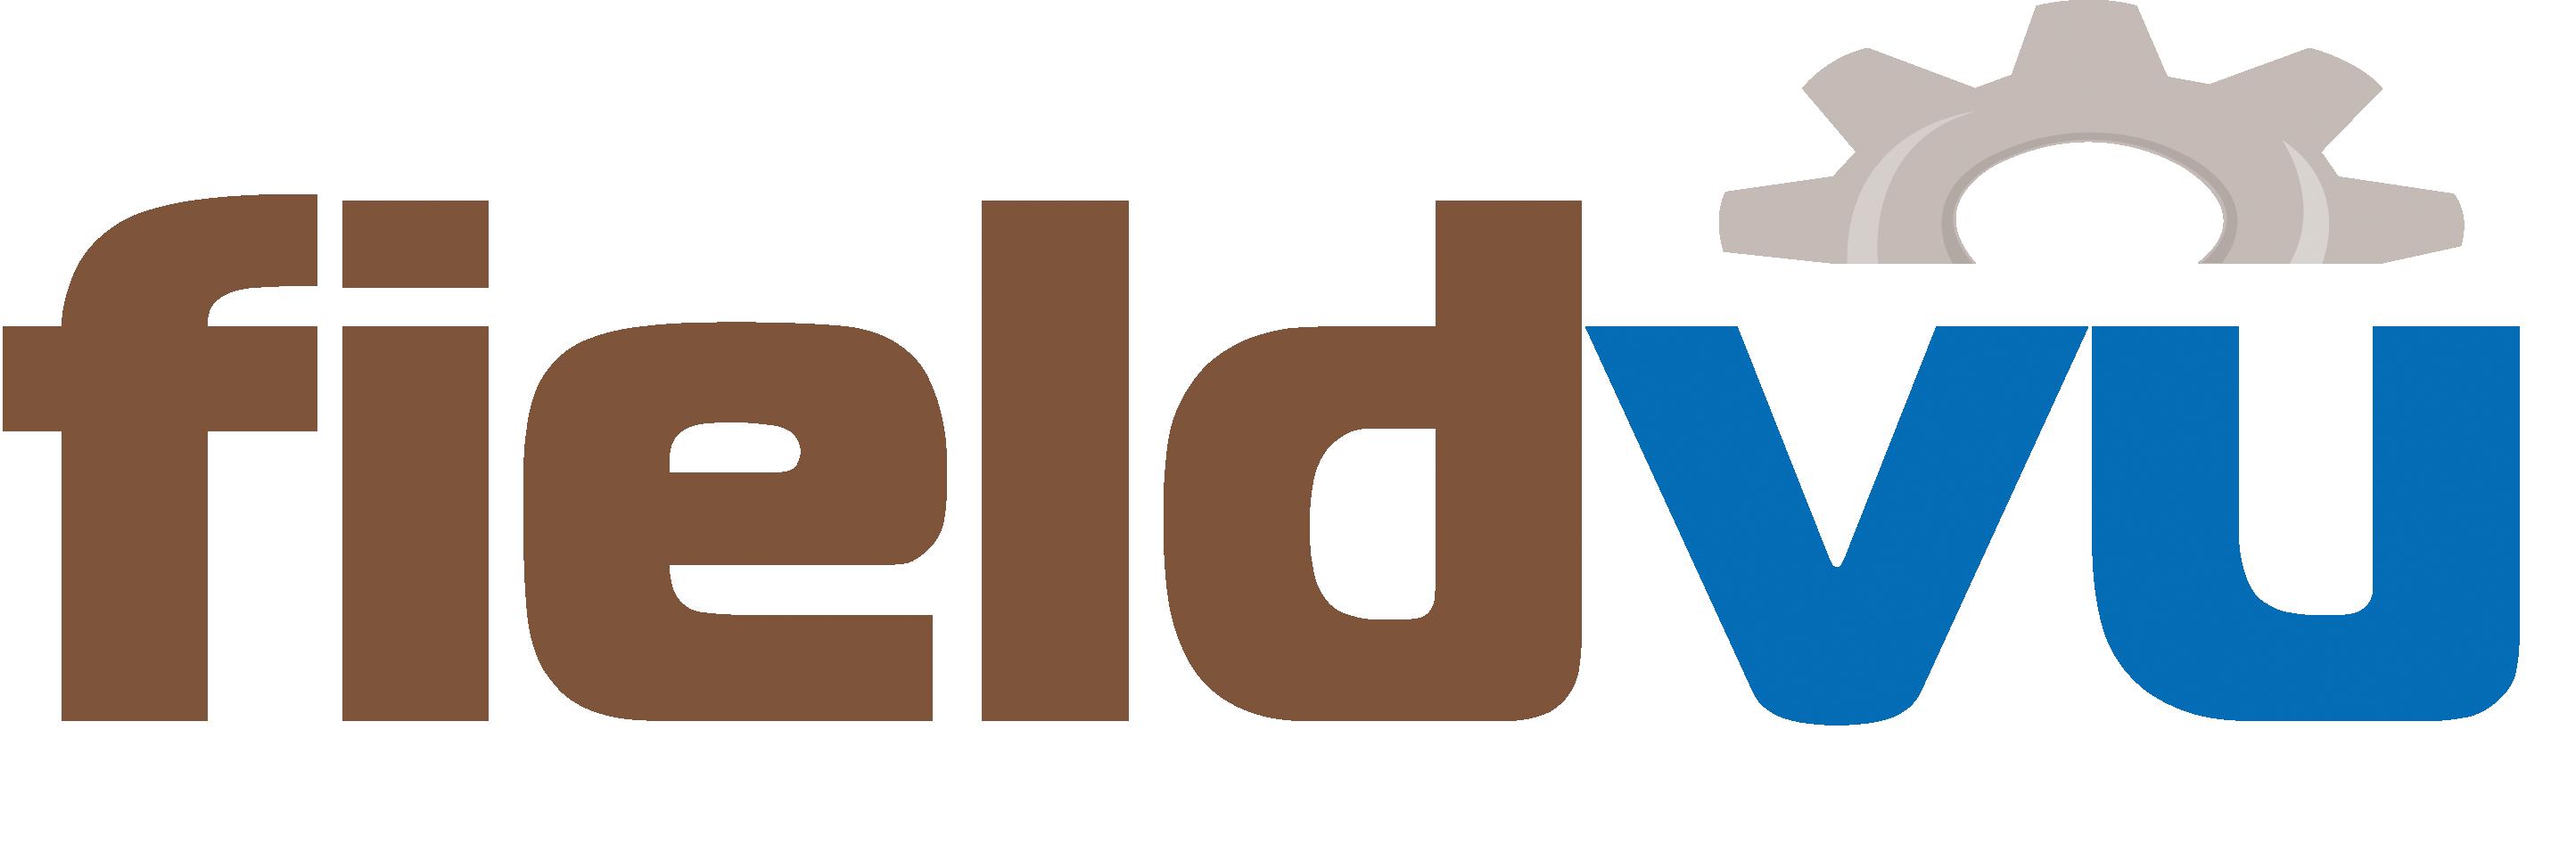 FieldVu Logo Field Service Management Software